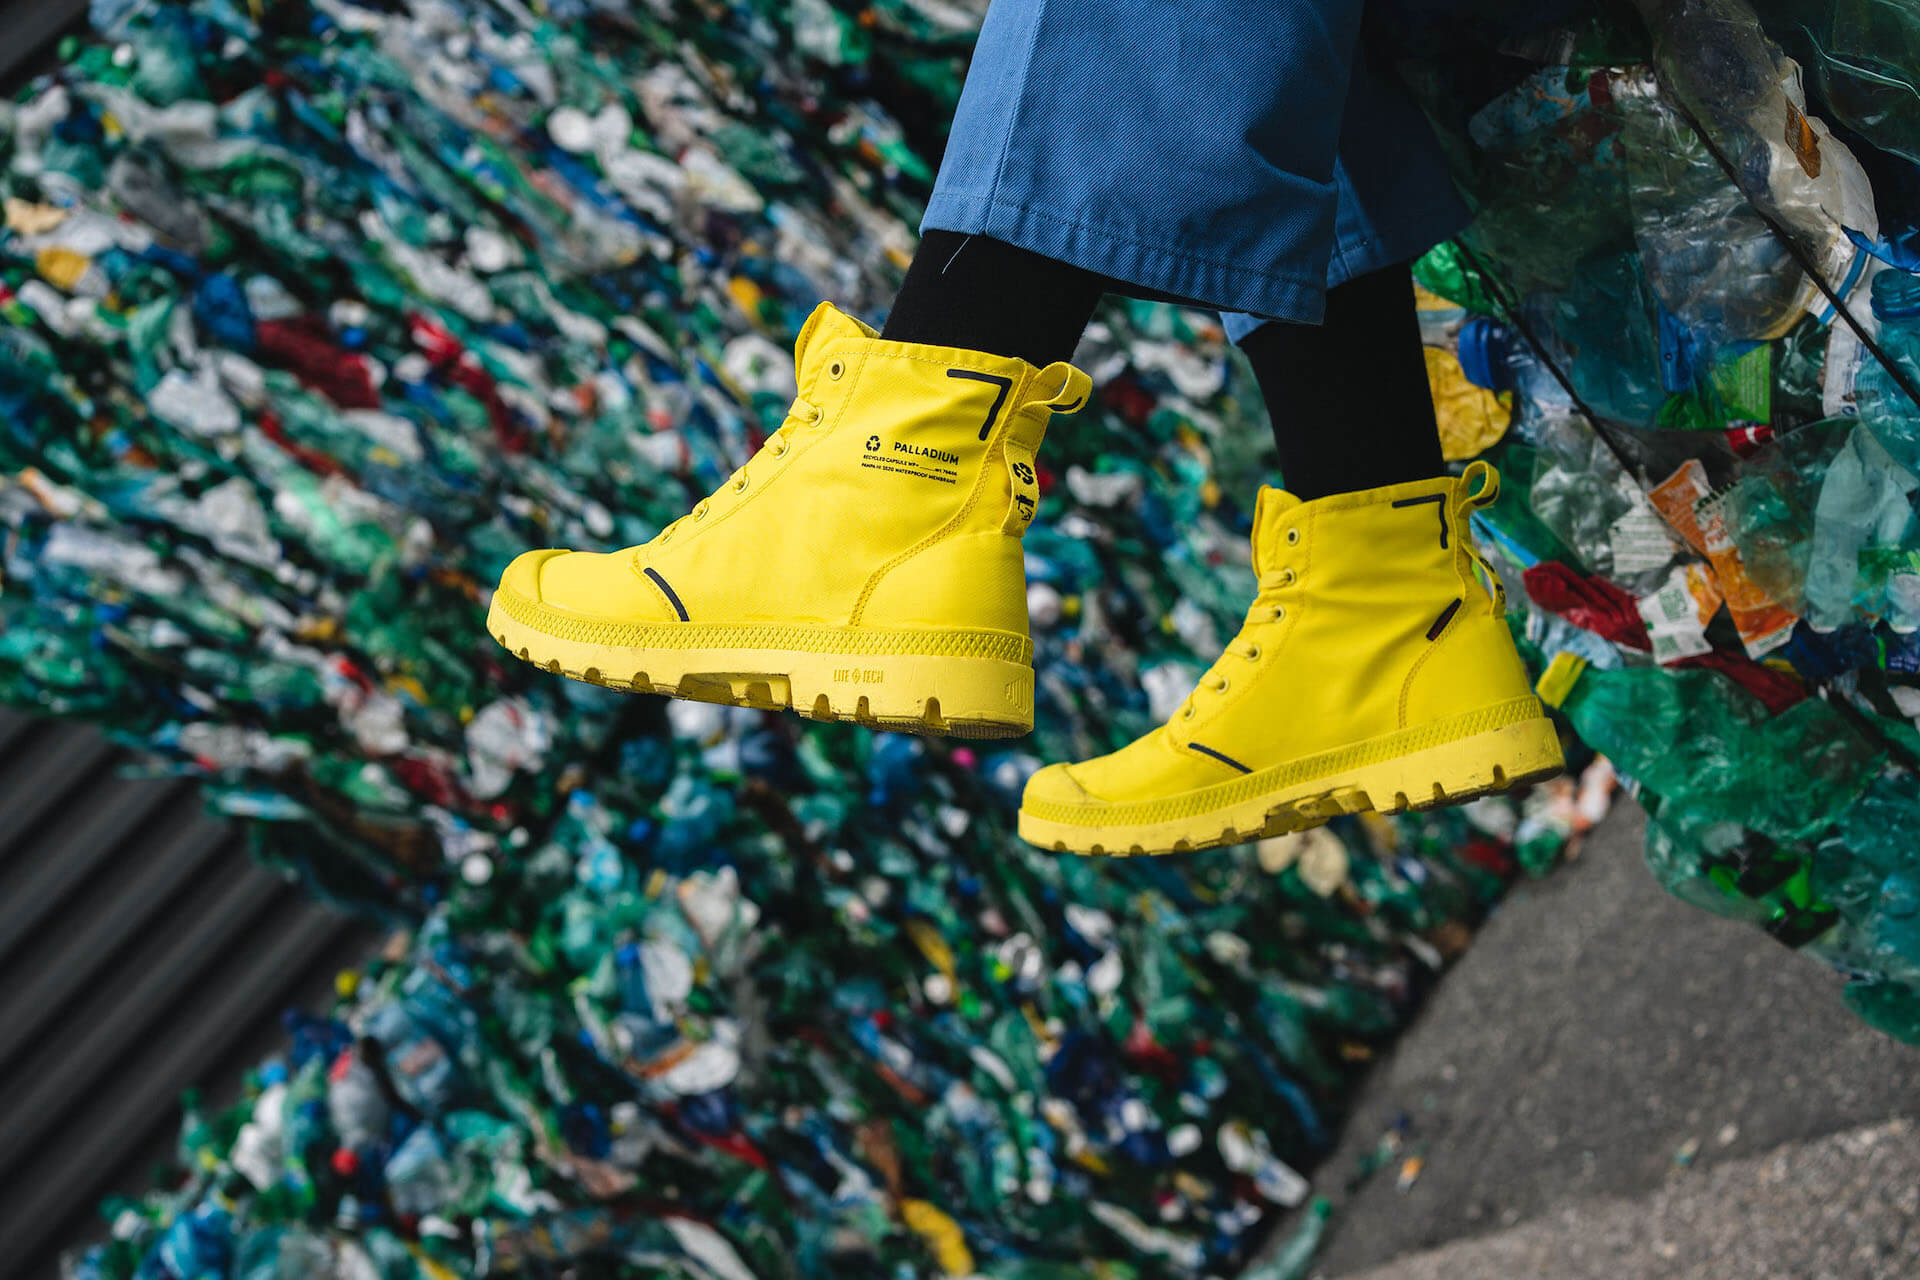 パラディウムから微生物の働きにより分解できる素材やペットボトルを使ったサスティナブルな防水ブーツ3モデルが登場! lf200305_palladiumrcycl_12